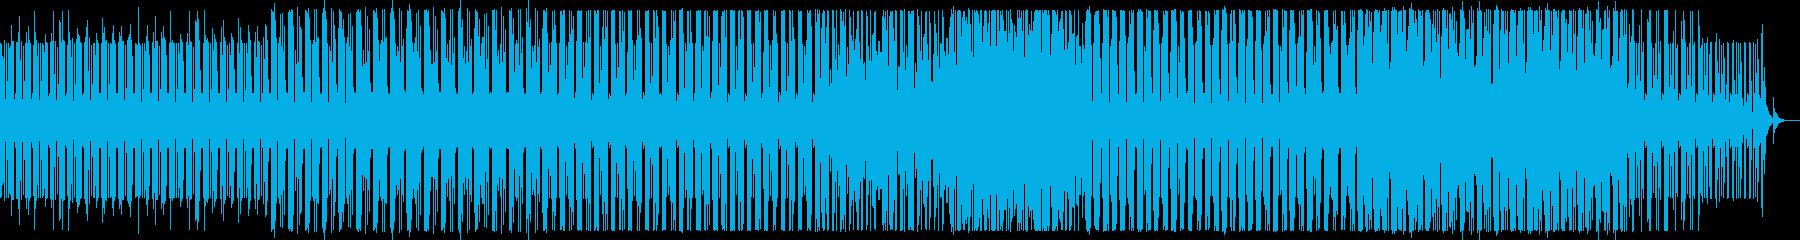 秋にピッタリなHIPHOPサウンドの再生済みの波形